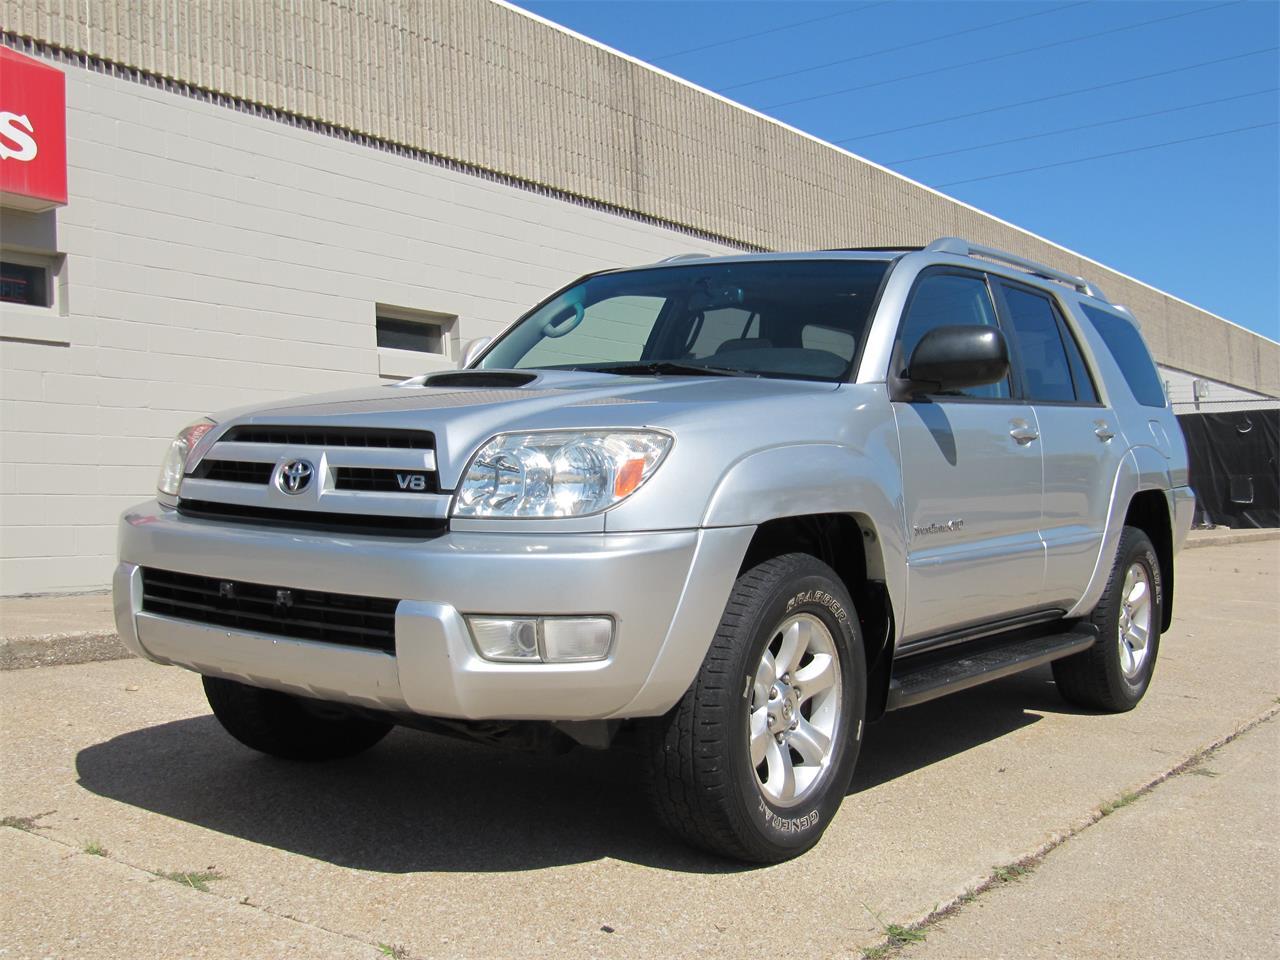 for sale 2004 toyota 4runner in omaha, nebraska cars - omaha, ne at geebo